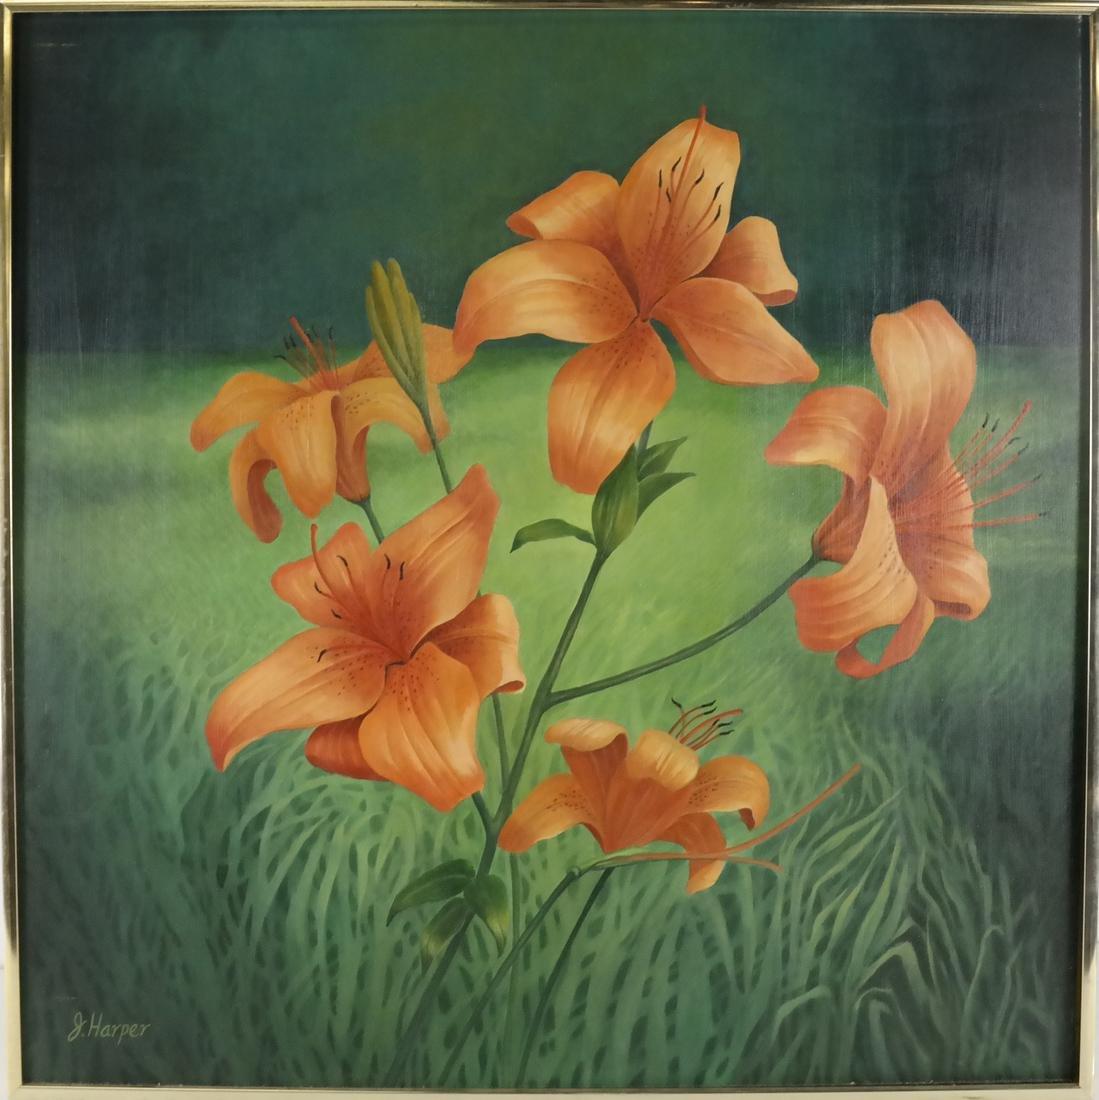 Judith Harper, Acrylic on Board - Flowers - 2